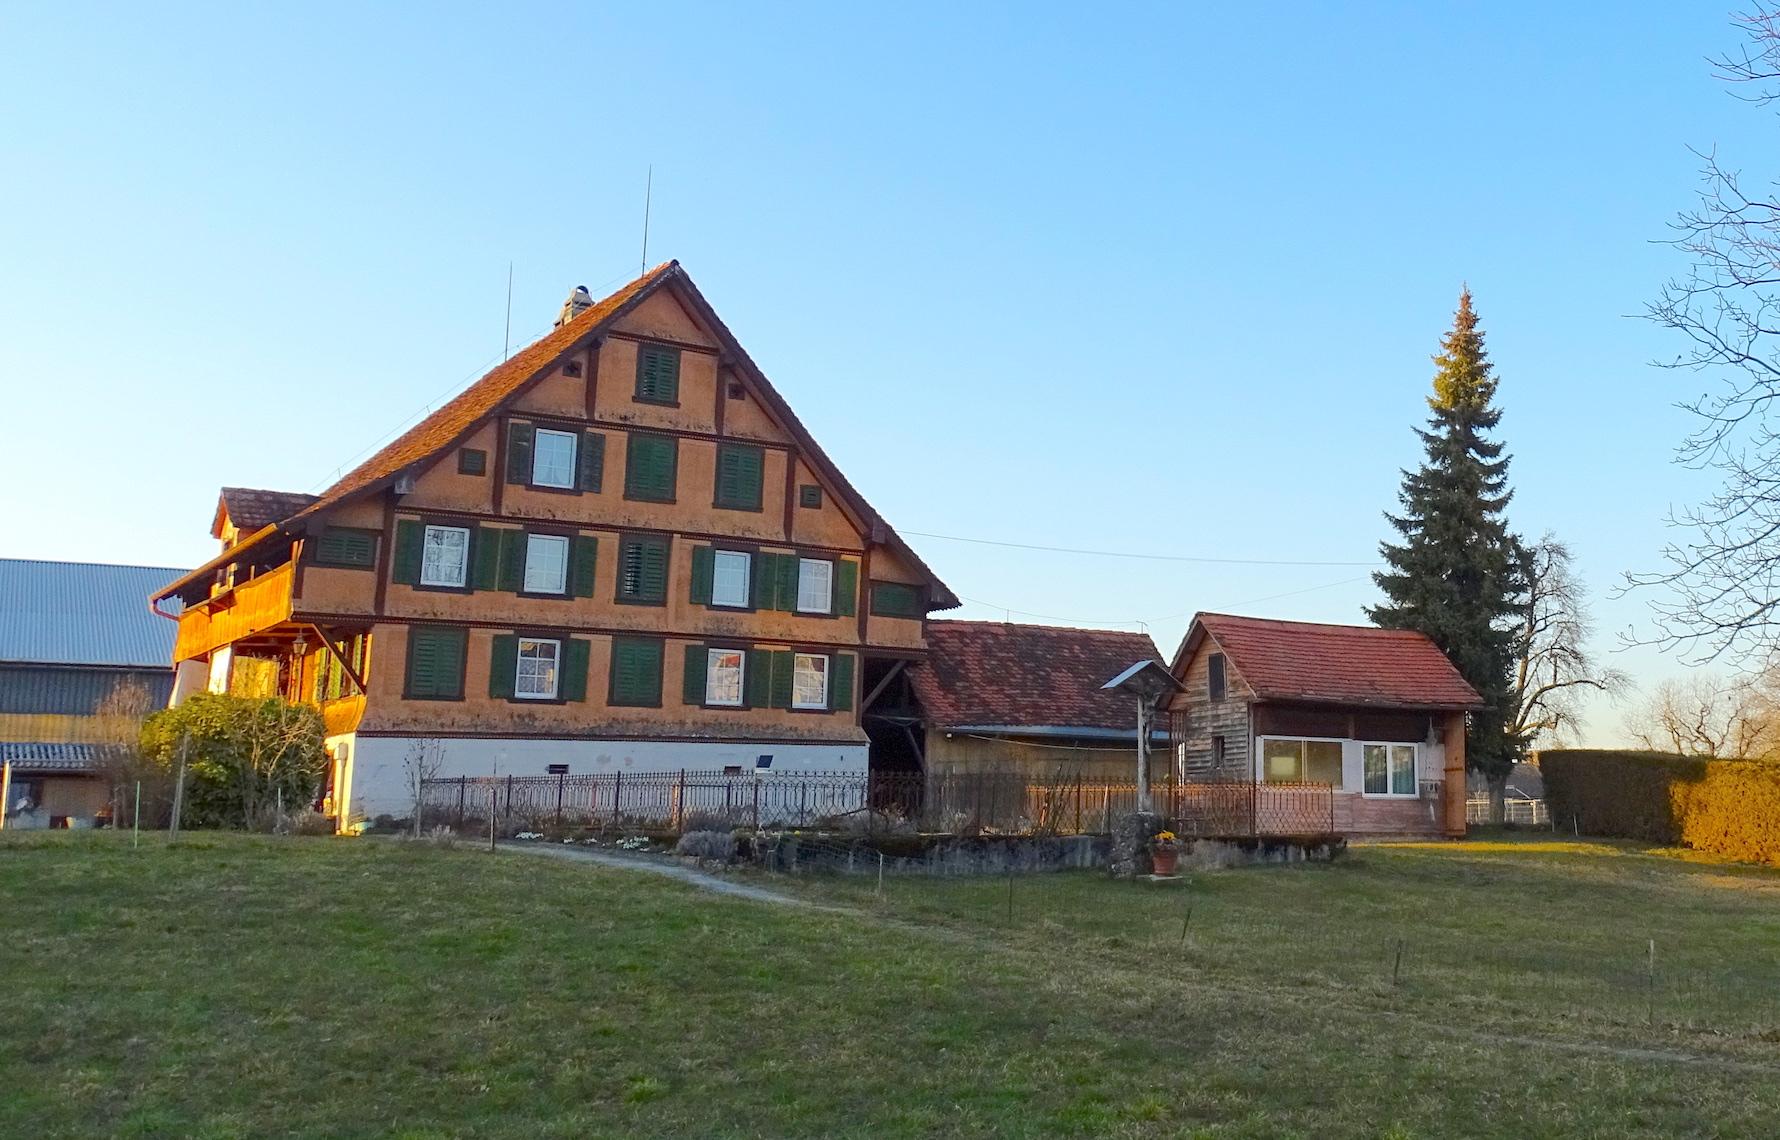 Das Haus Letzi 1 in Zug wurde im Kern 1604 oder kurz danach errichtet.